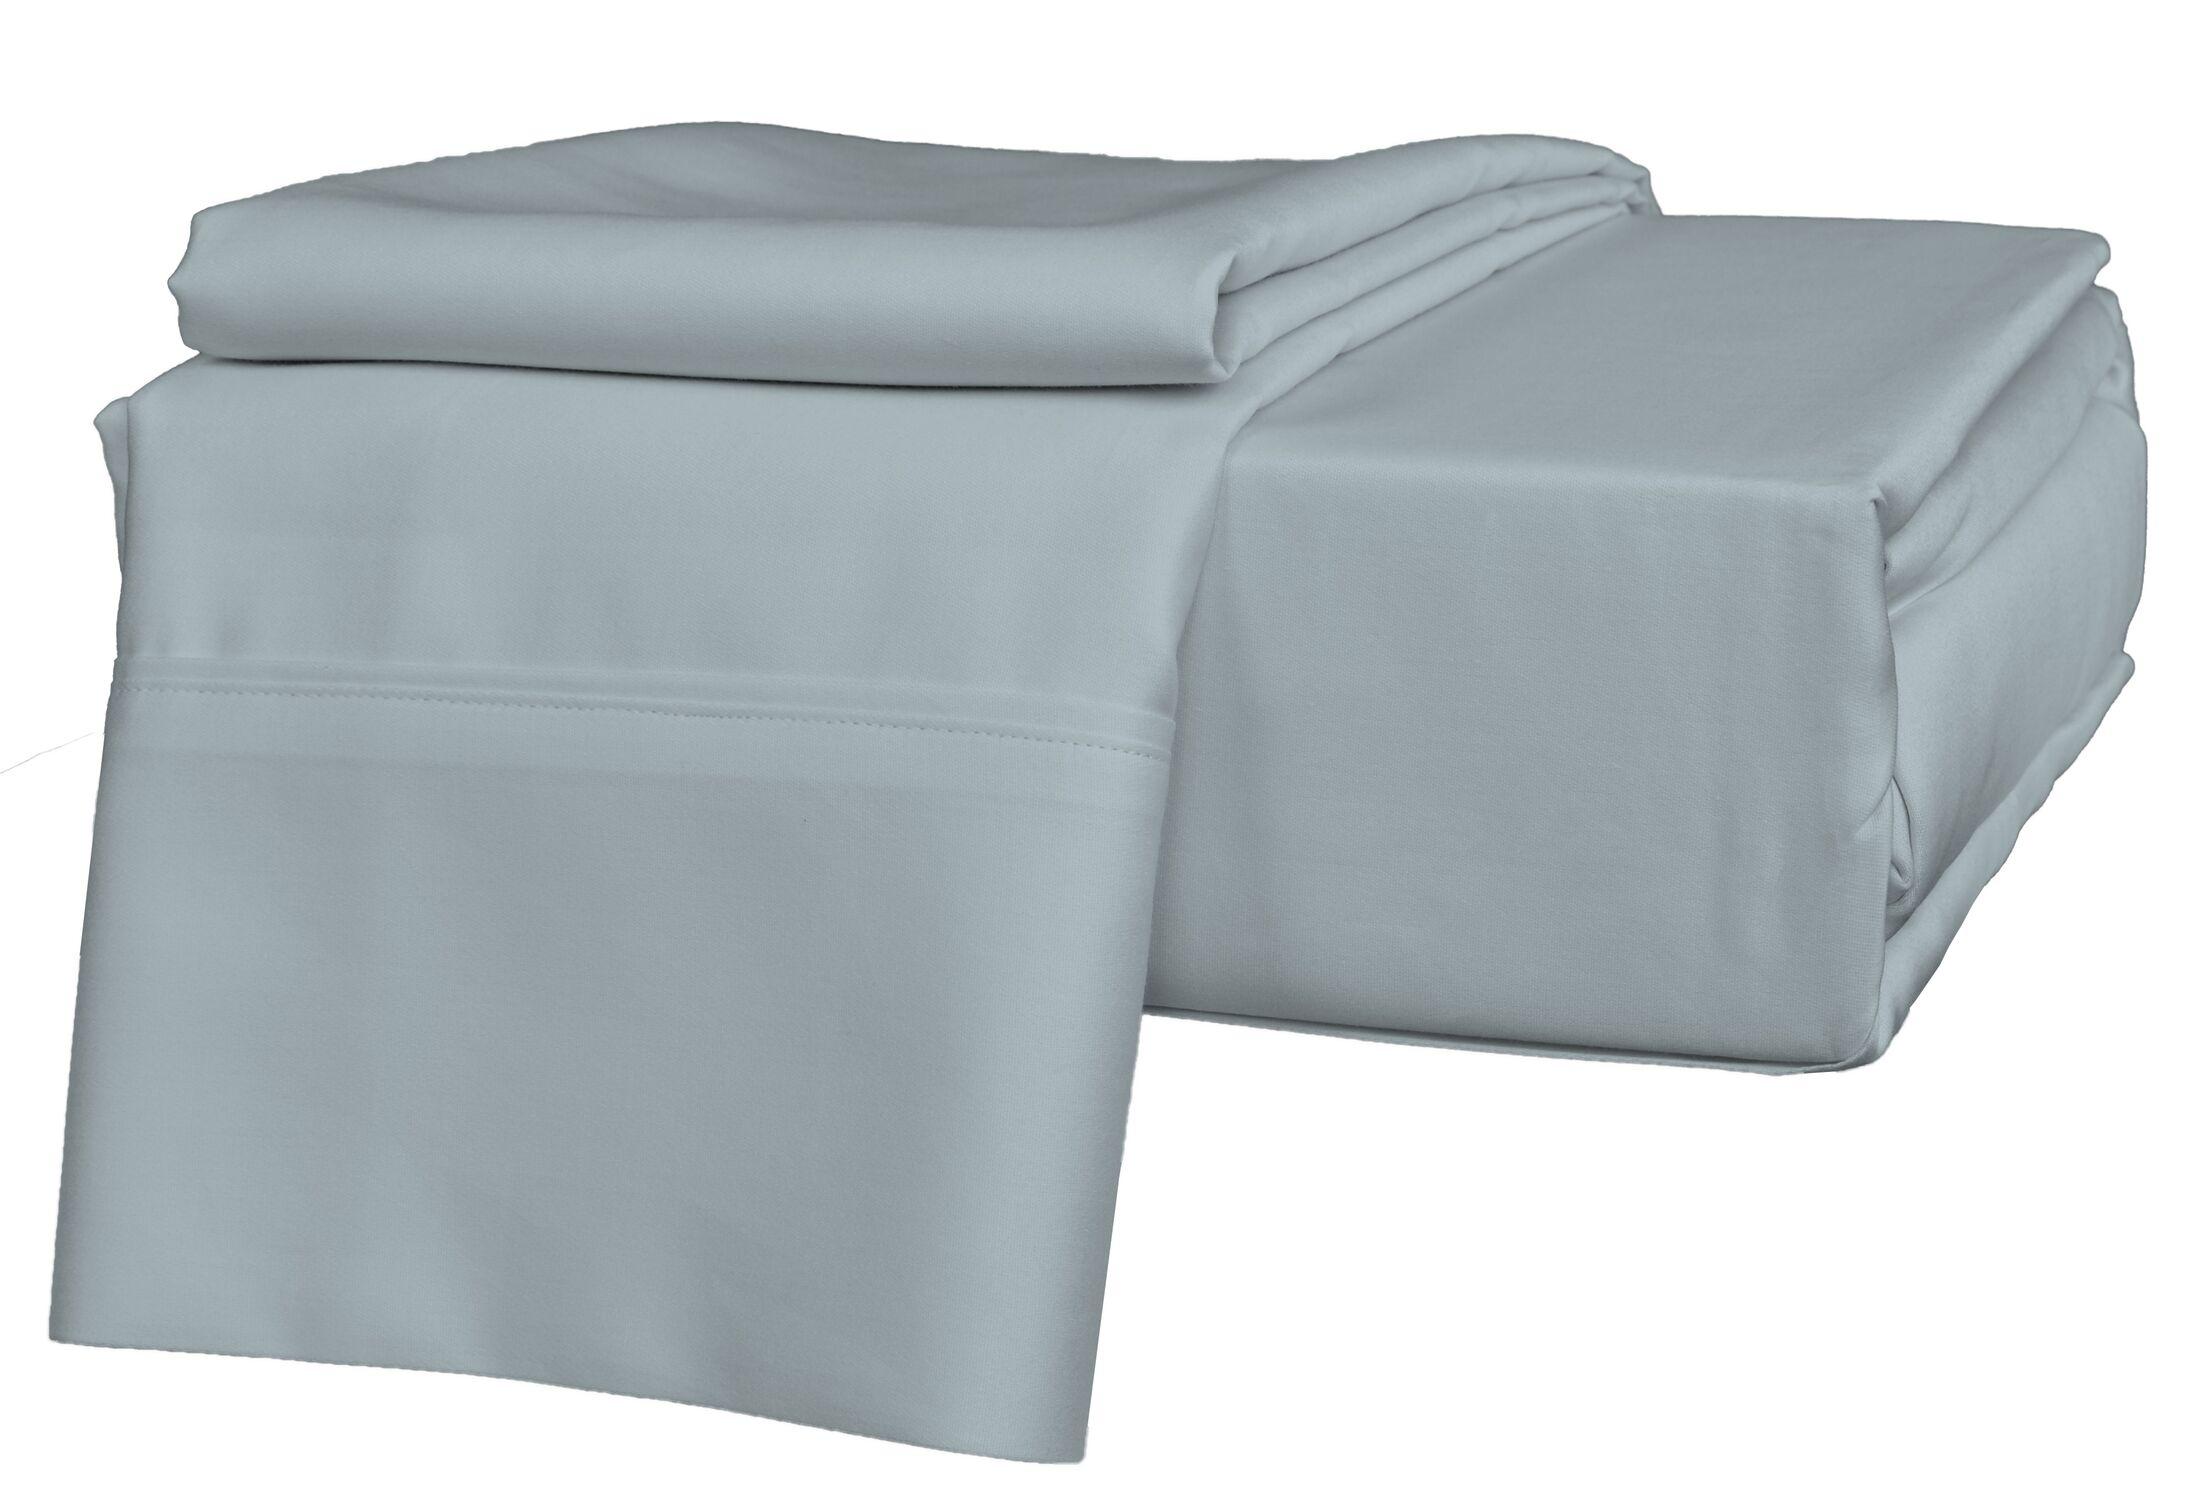 Egyptian Quality Cotton Sateen Premium 600 Plus TC Pillow Case Size: Standard, Color: Light Blue